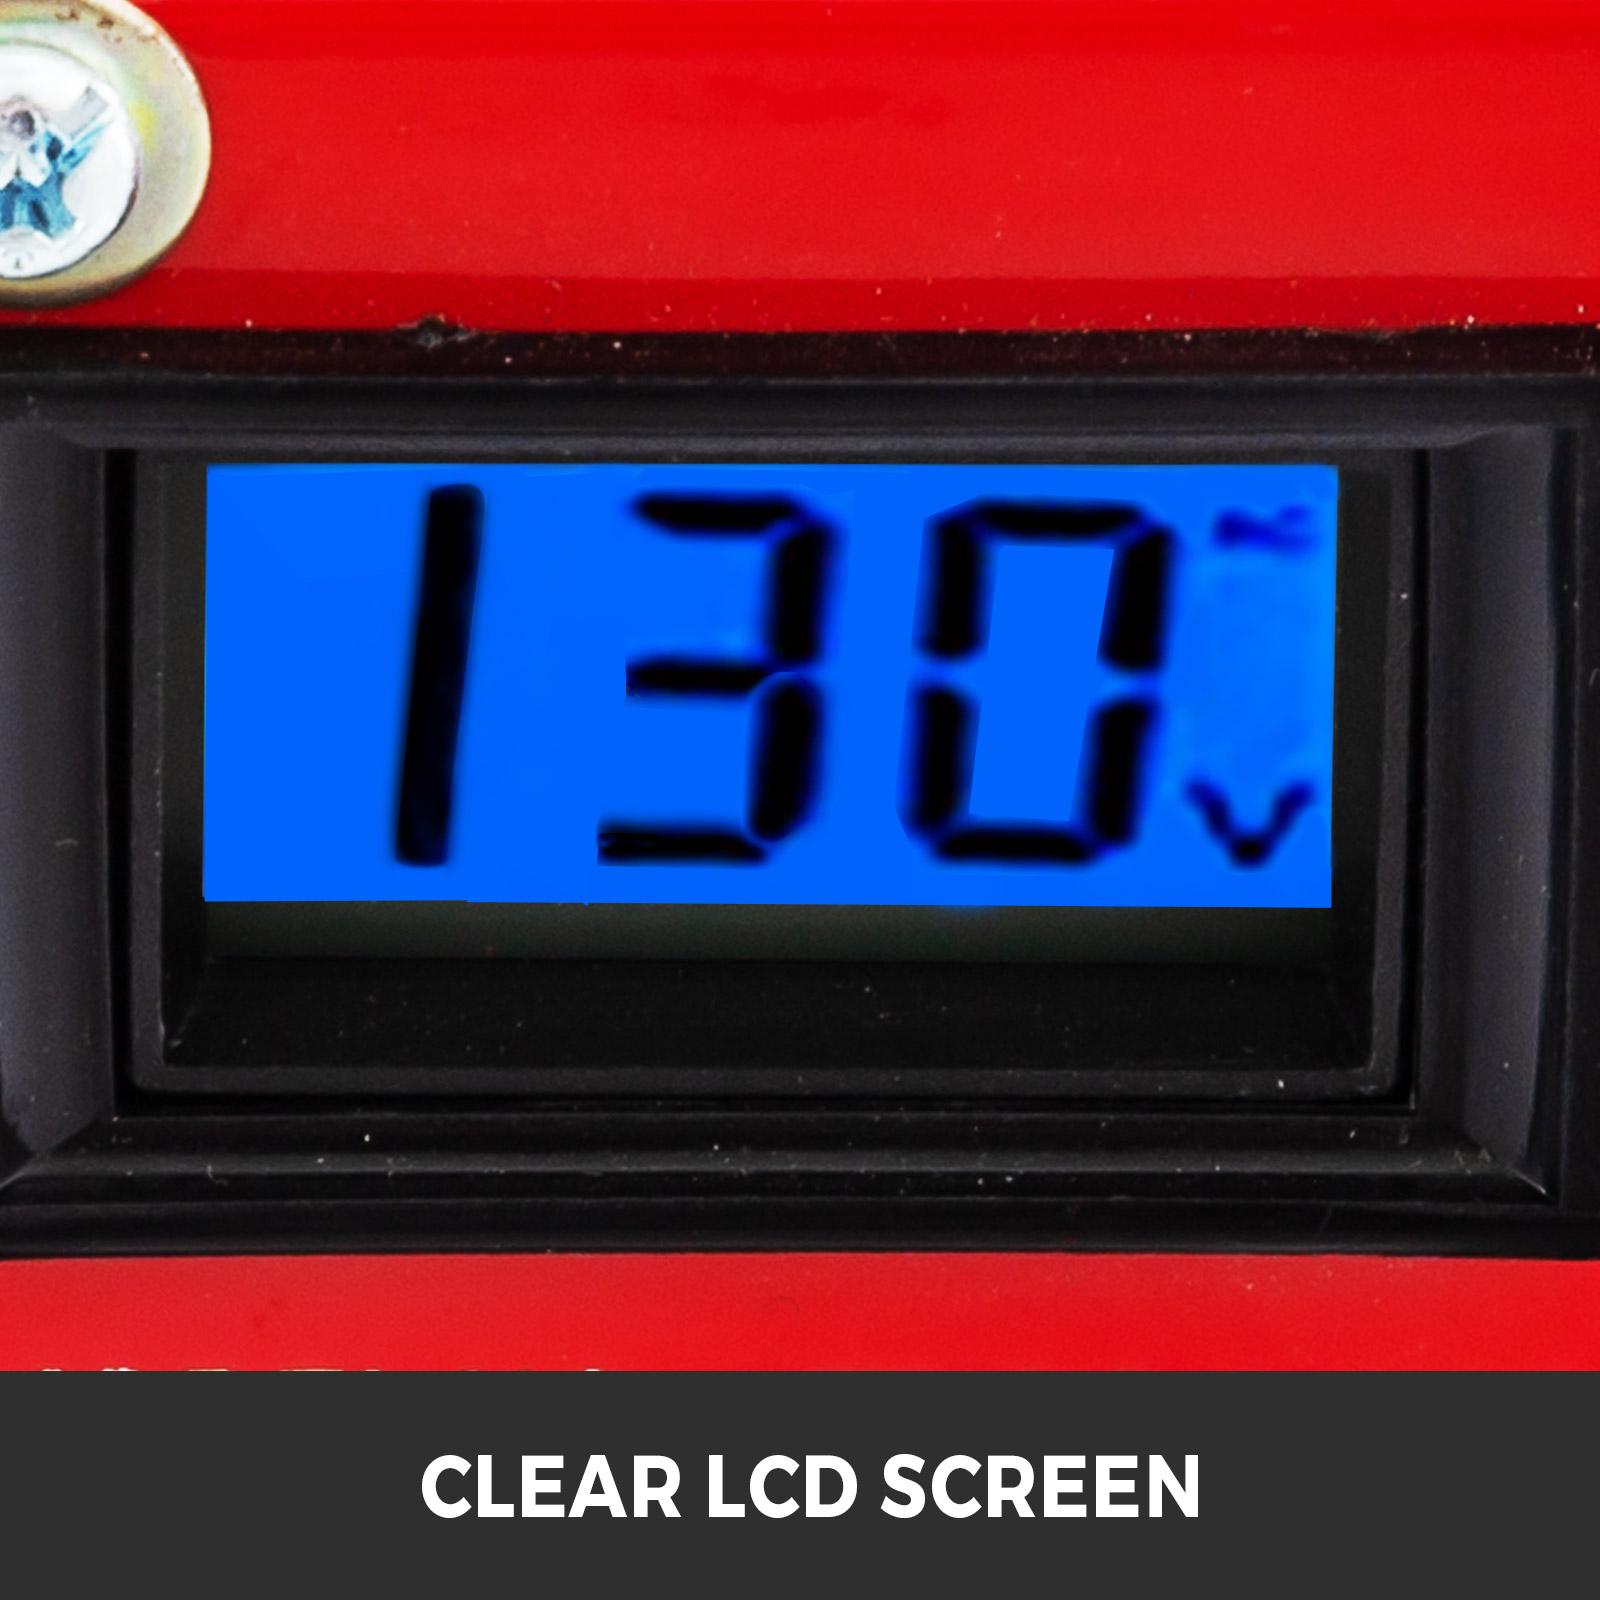 Variac-Variable-Transforme-0-5-1-2-3KVA-LCD-Single-Phase-Digital-Display-0-130V thumbnail 28